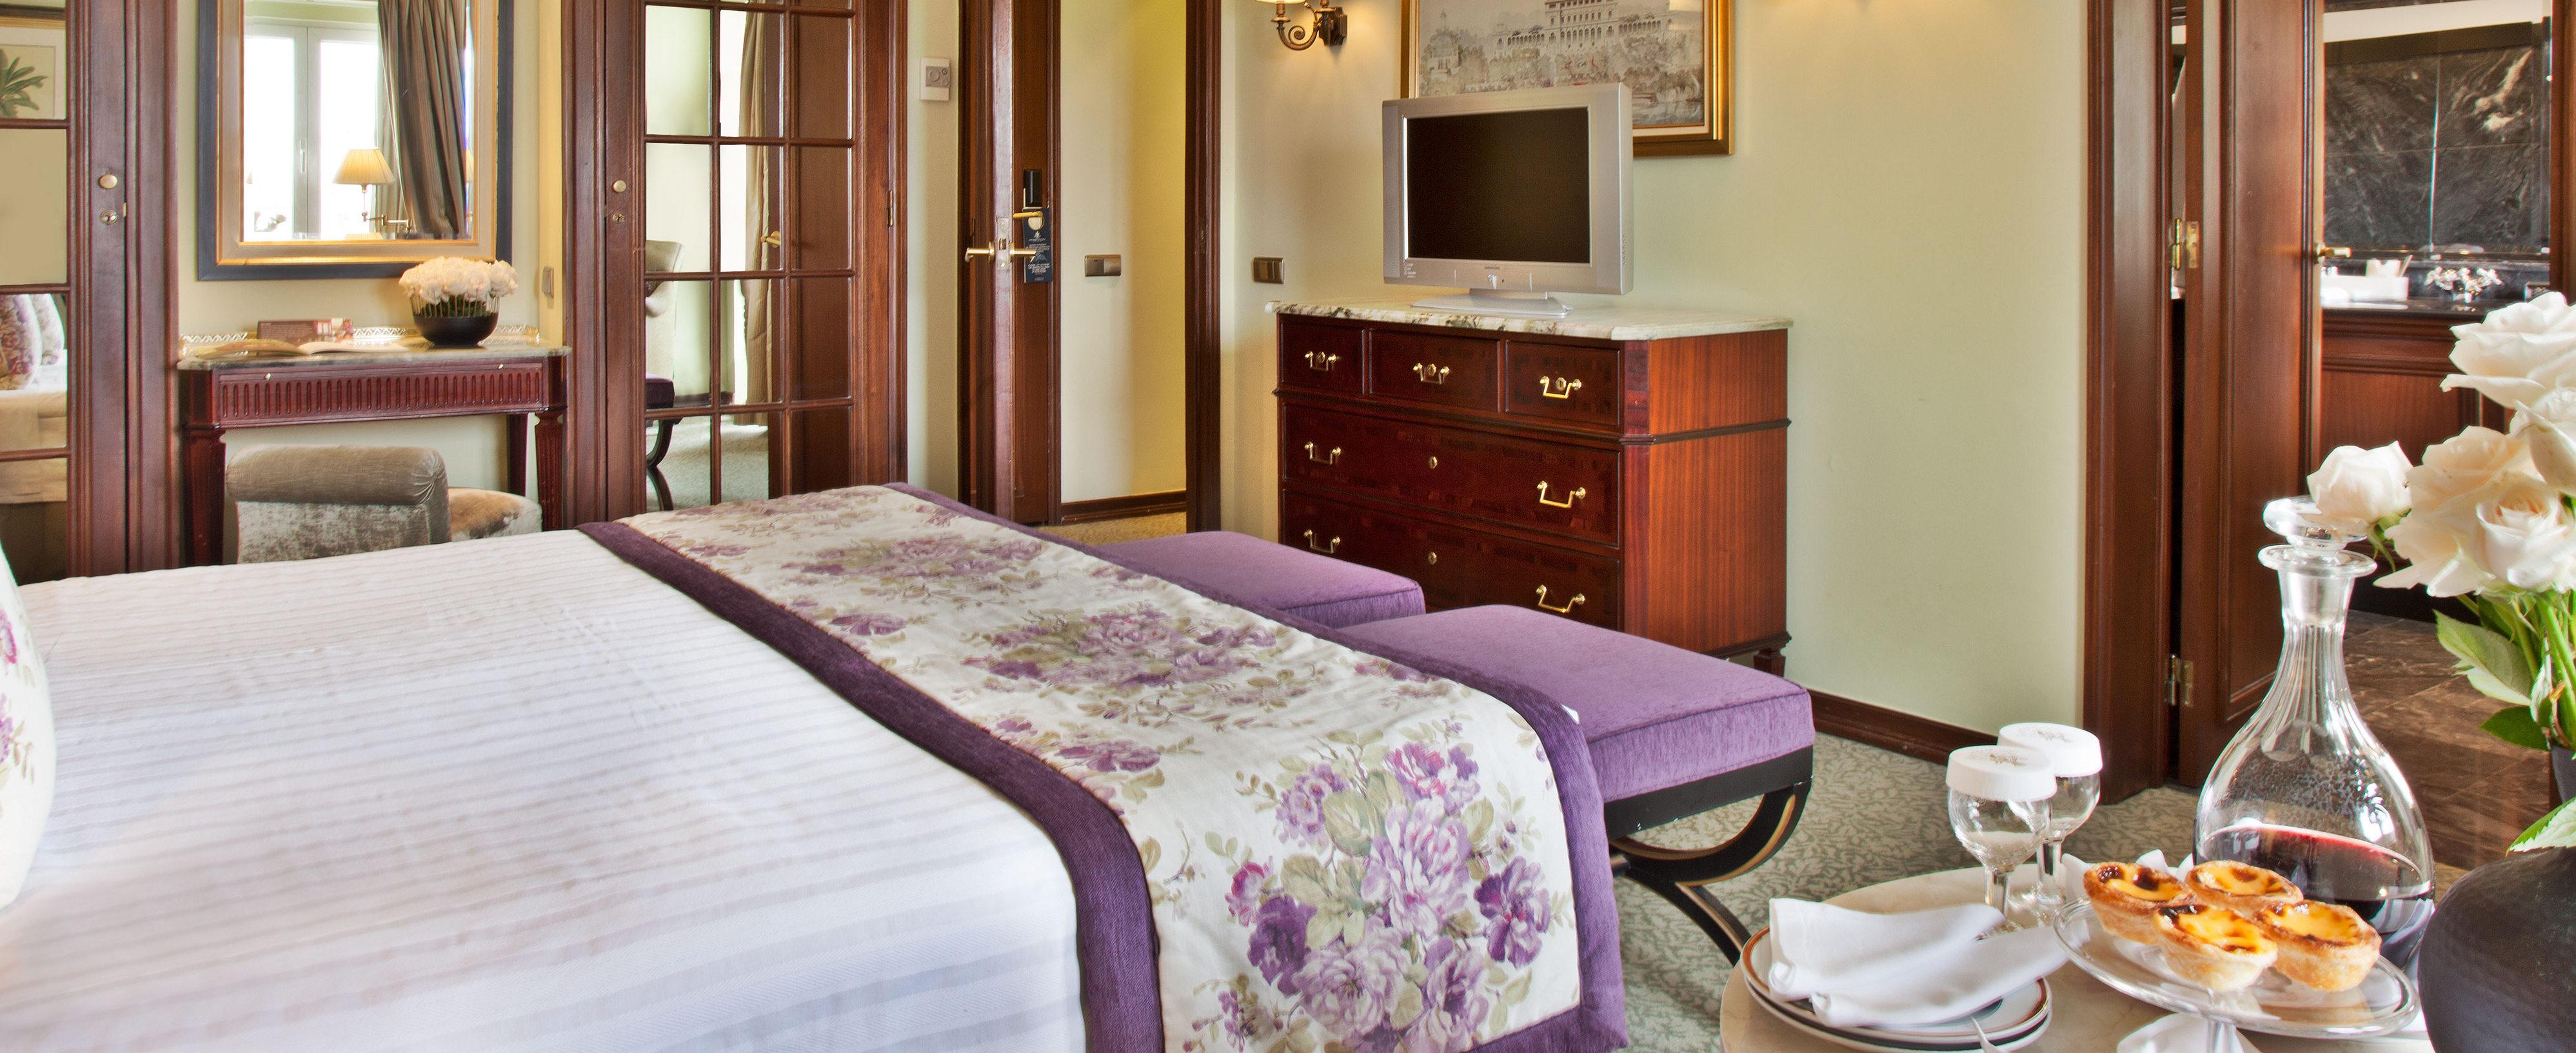 superior-deluxe-bedroom